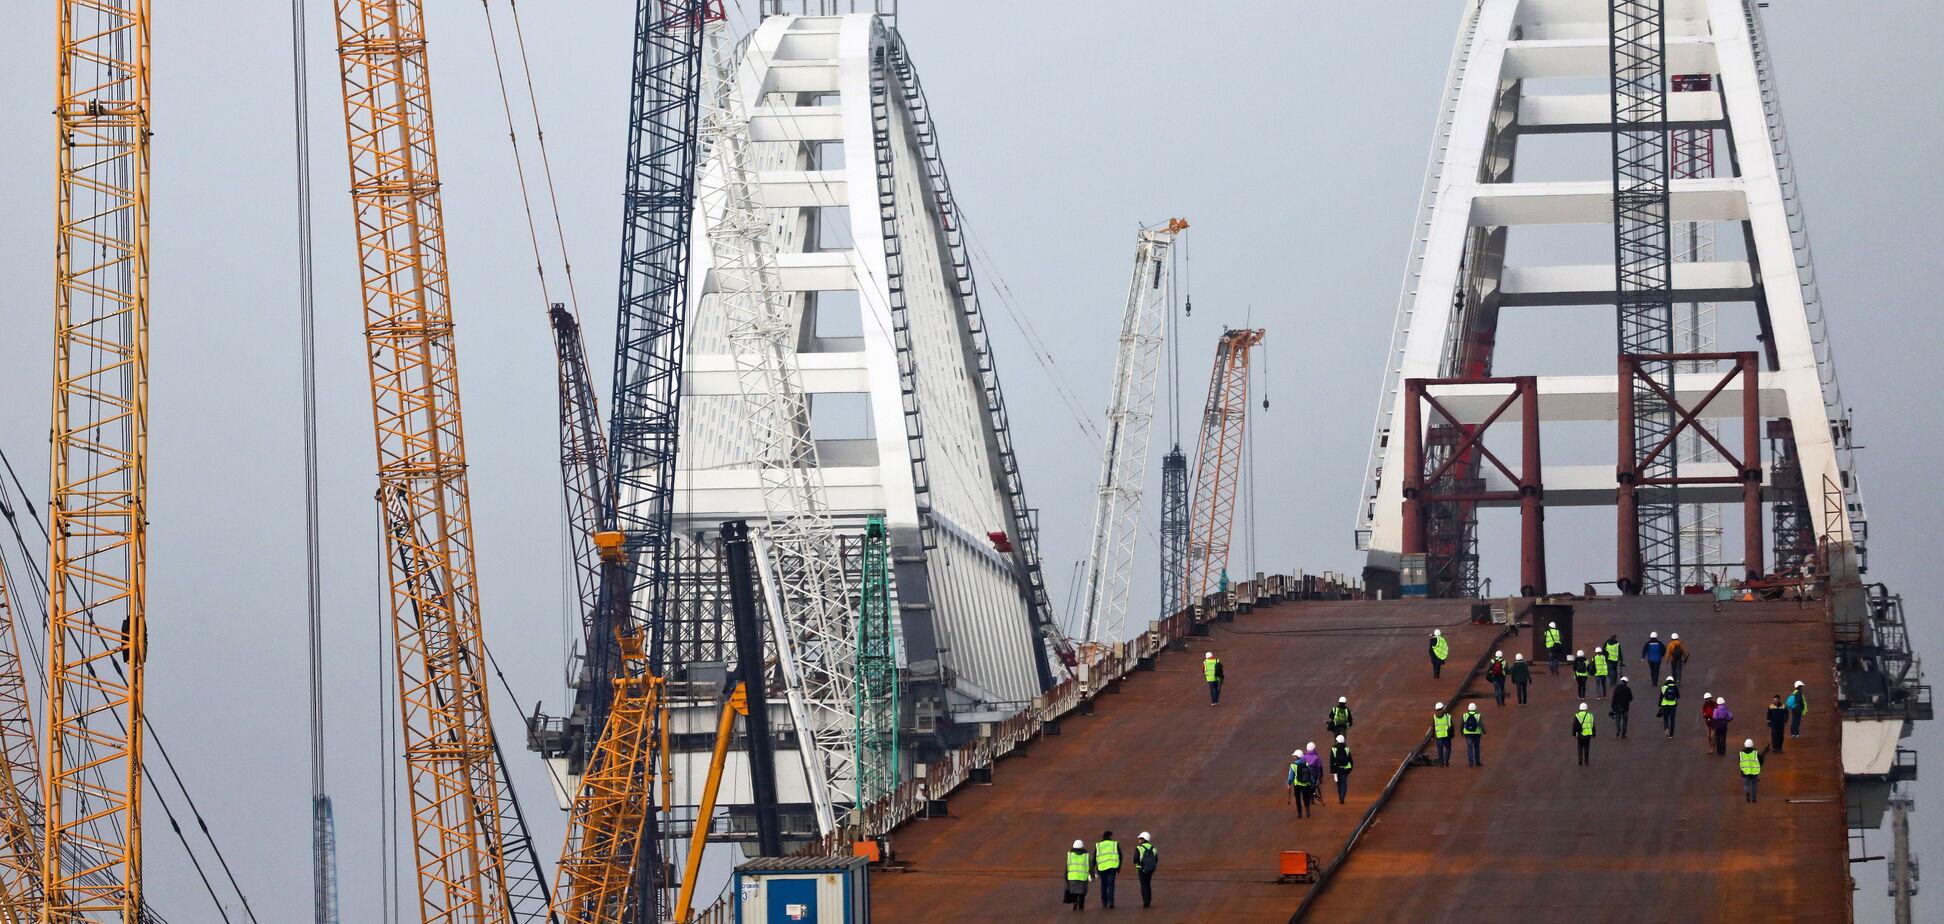 Откроют не для всех: оккупанты рассказали, когда Керченский мост соединит Крым и Россию